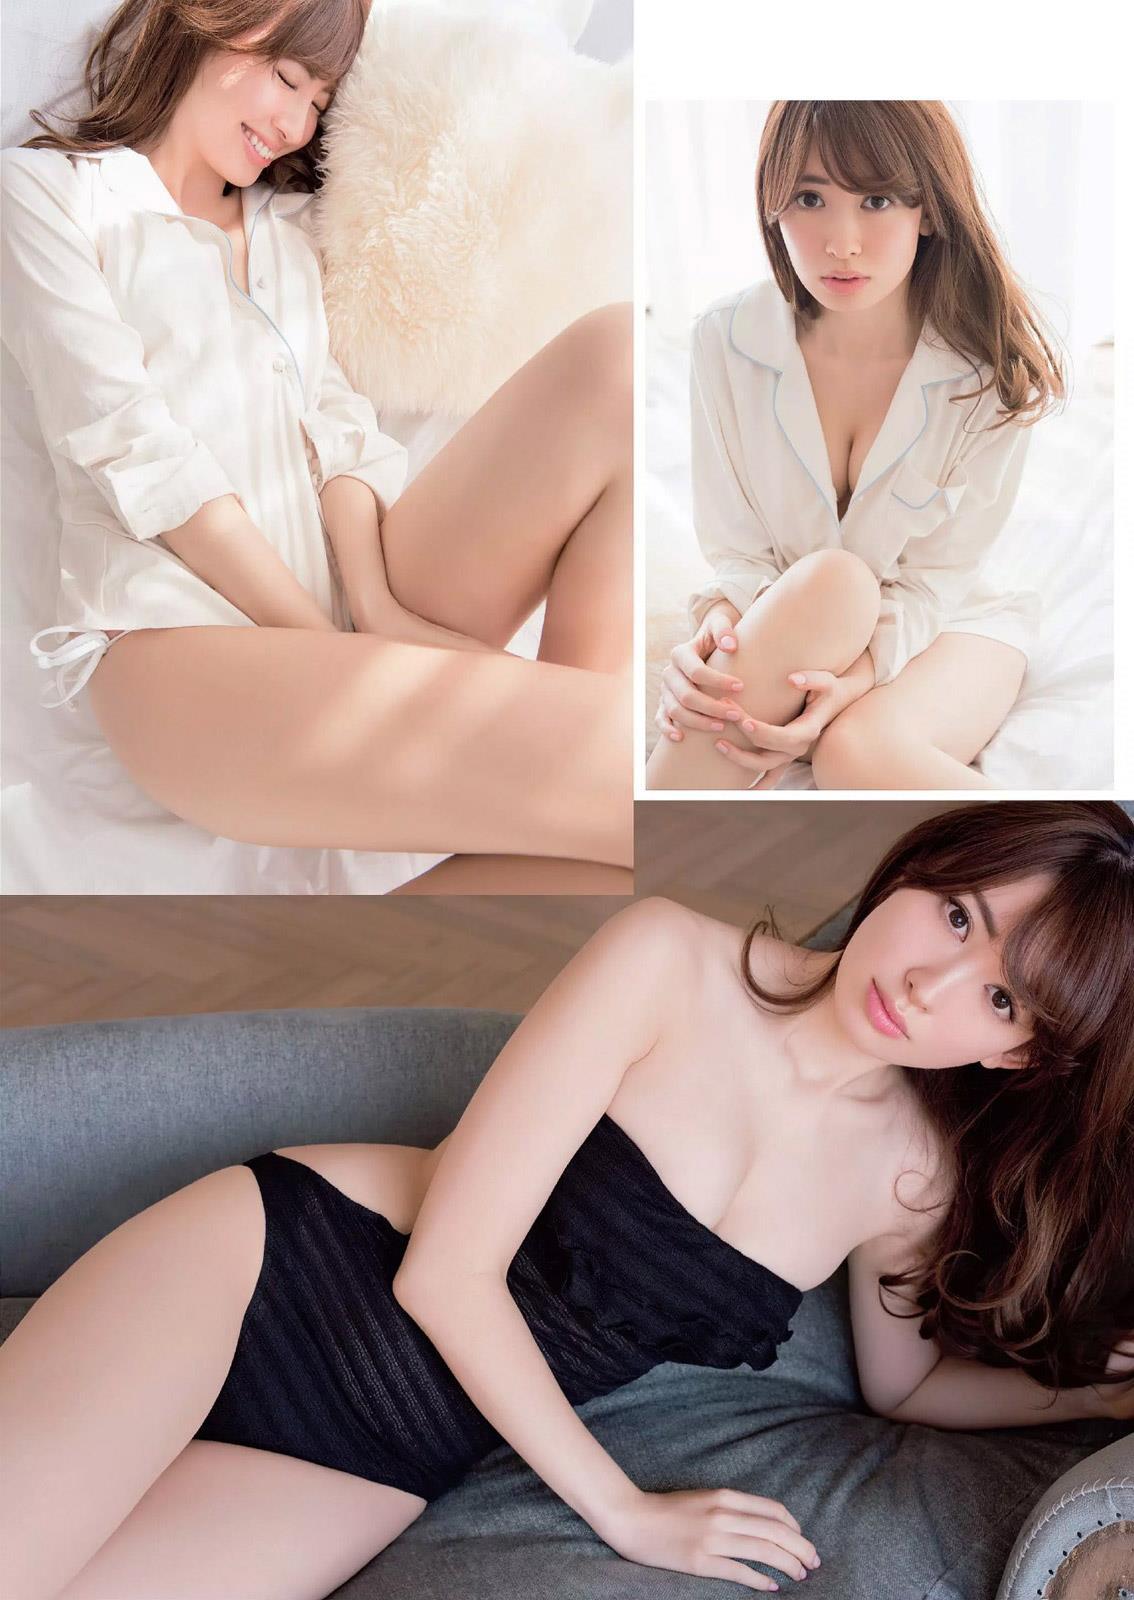 小嶋陽菜 ランジェリー画像 5